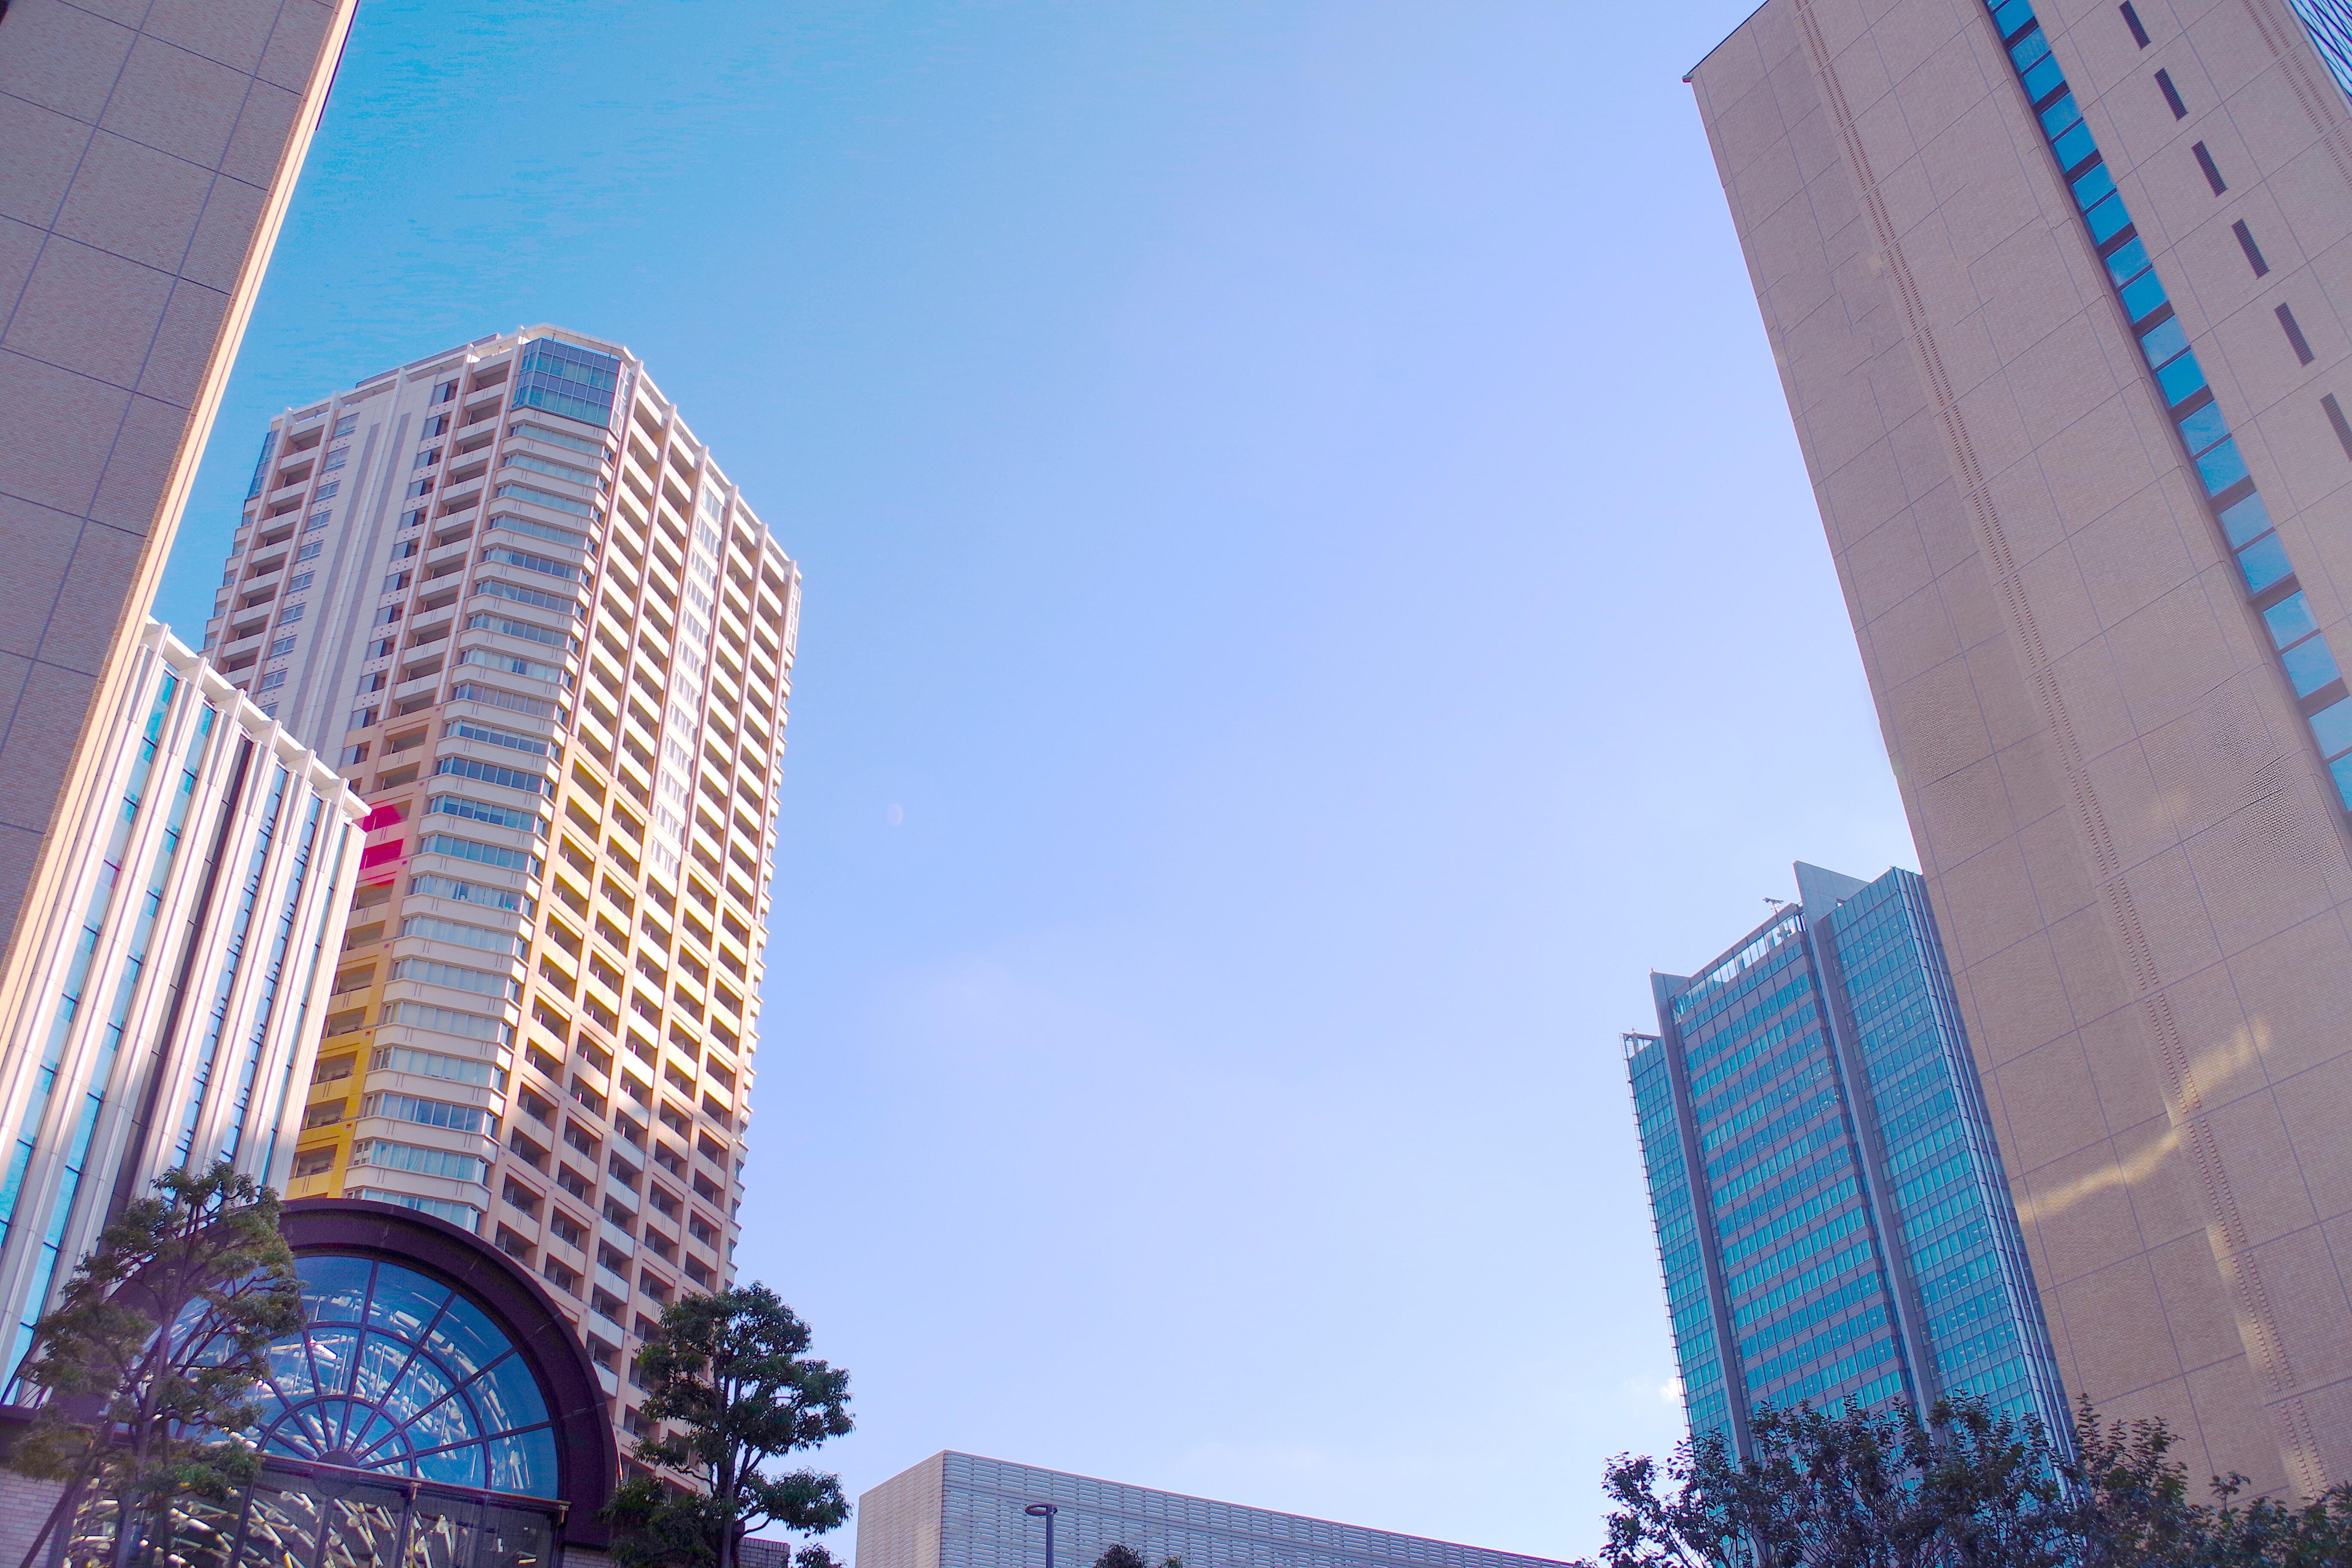 飯田橋セントラルプラザ【Y-13 飯田橋駅】